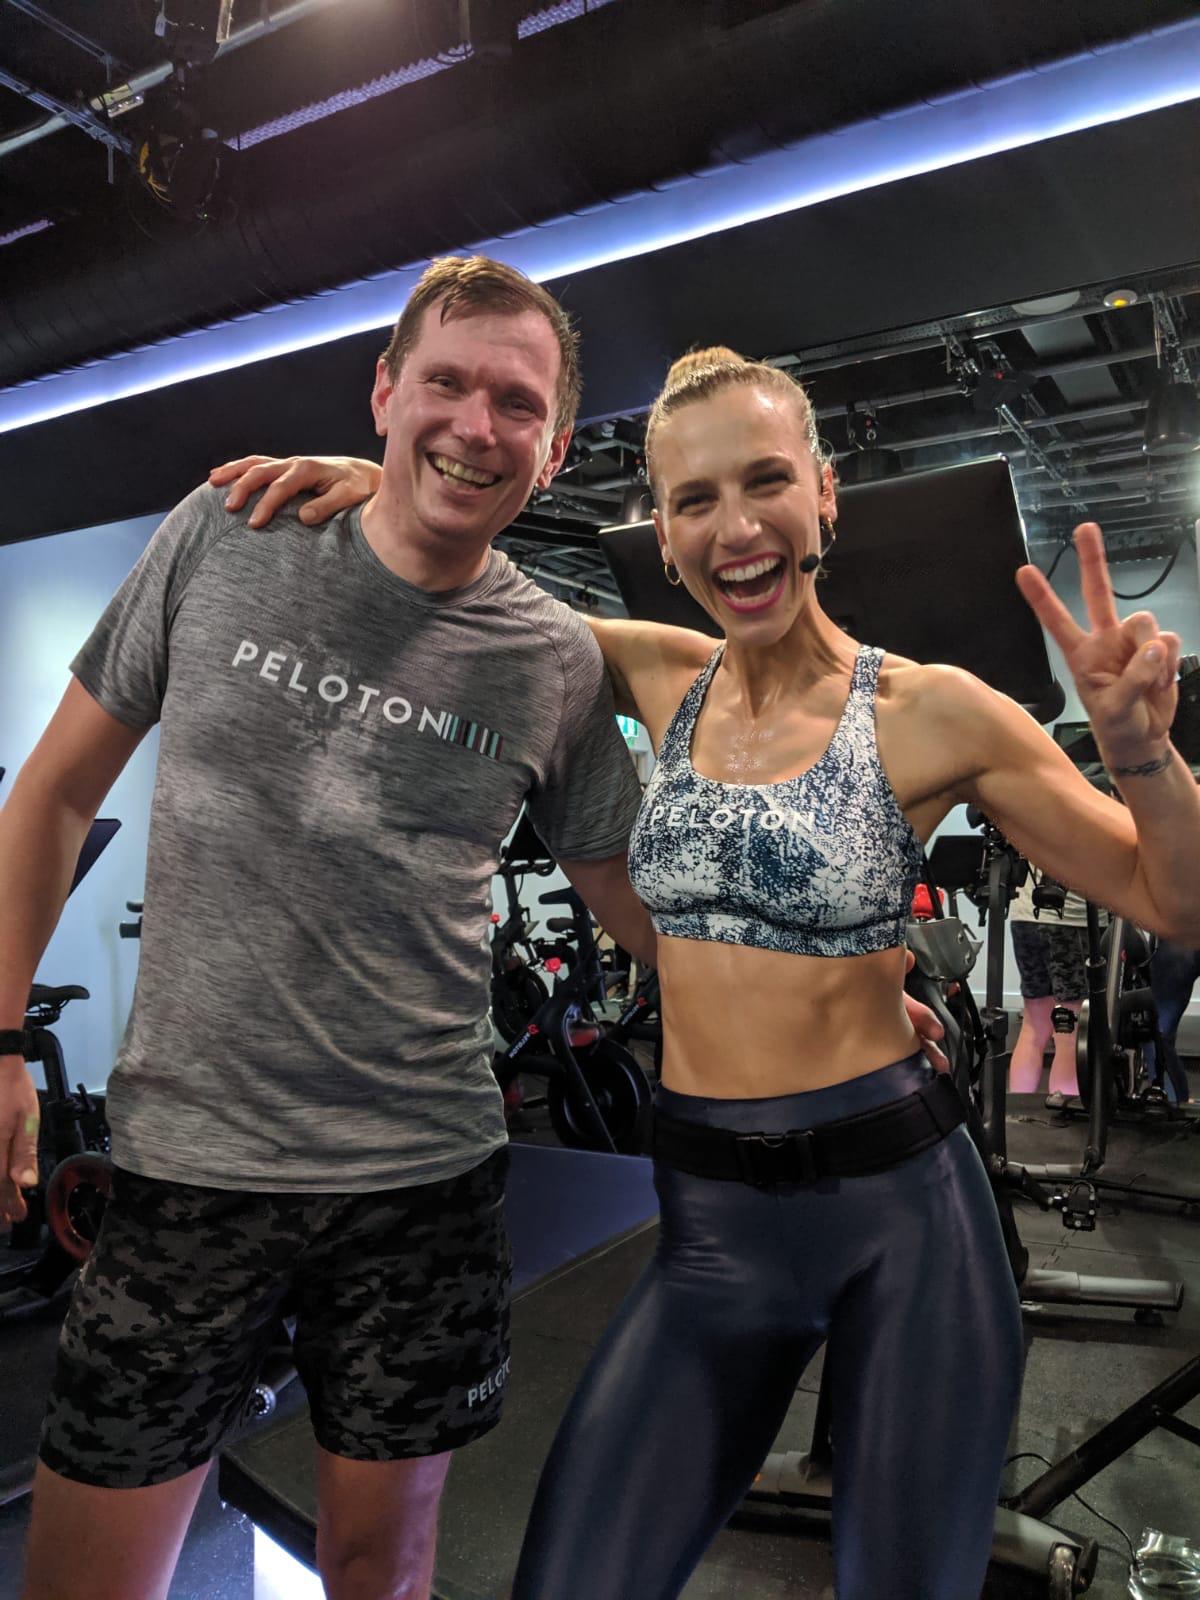 Mein Live Ride Im Peloton Studio London So War S Blog Ubers Laufen In Berlin Vom Laufanfanger Bis Halb Marathon Sports Insider